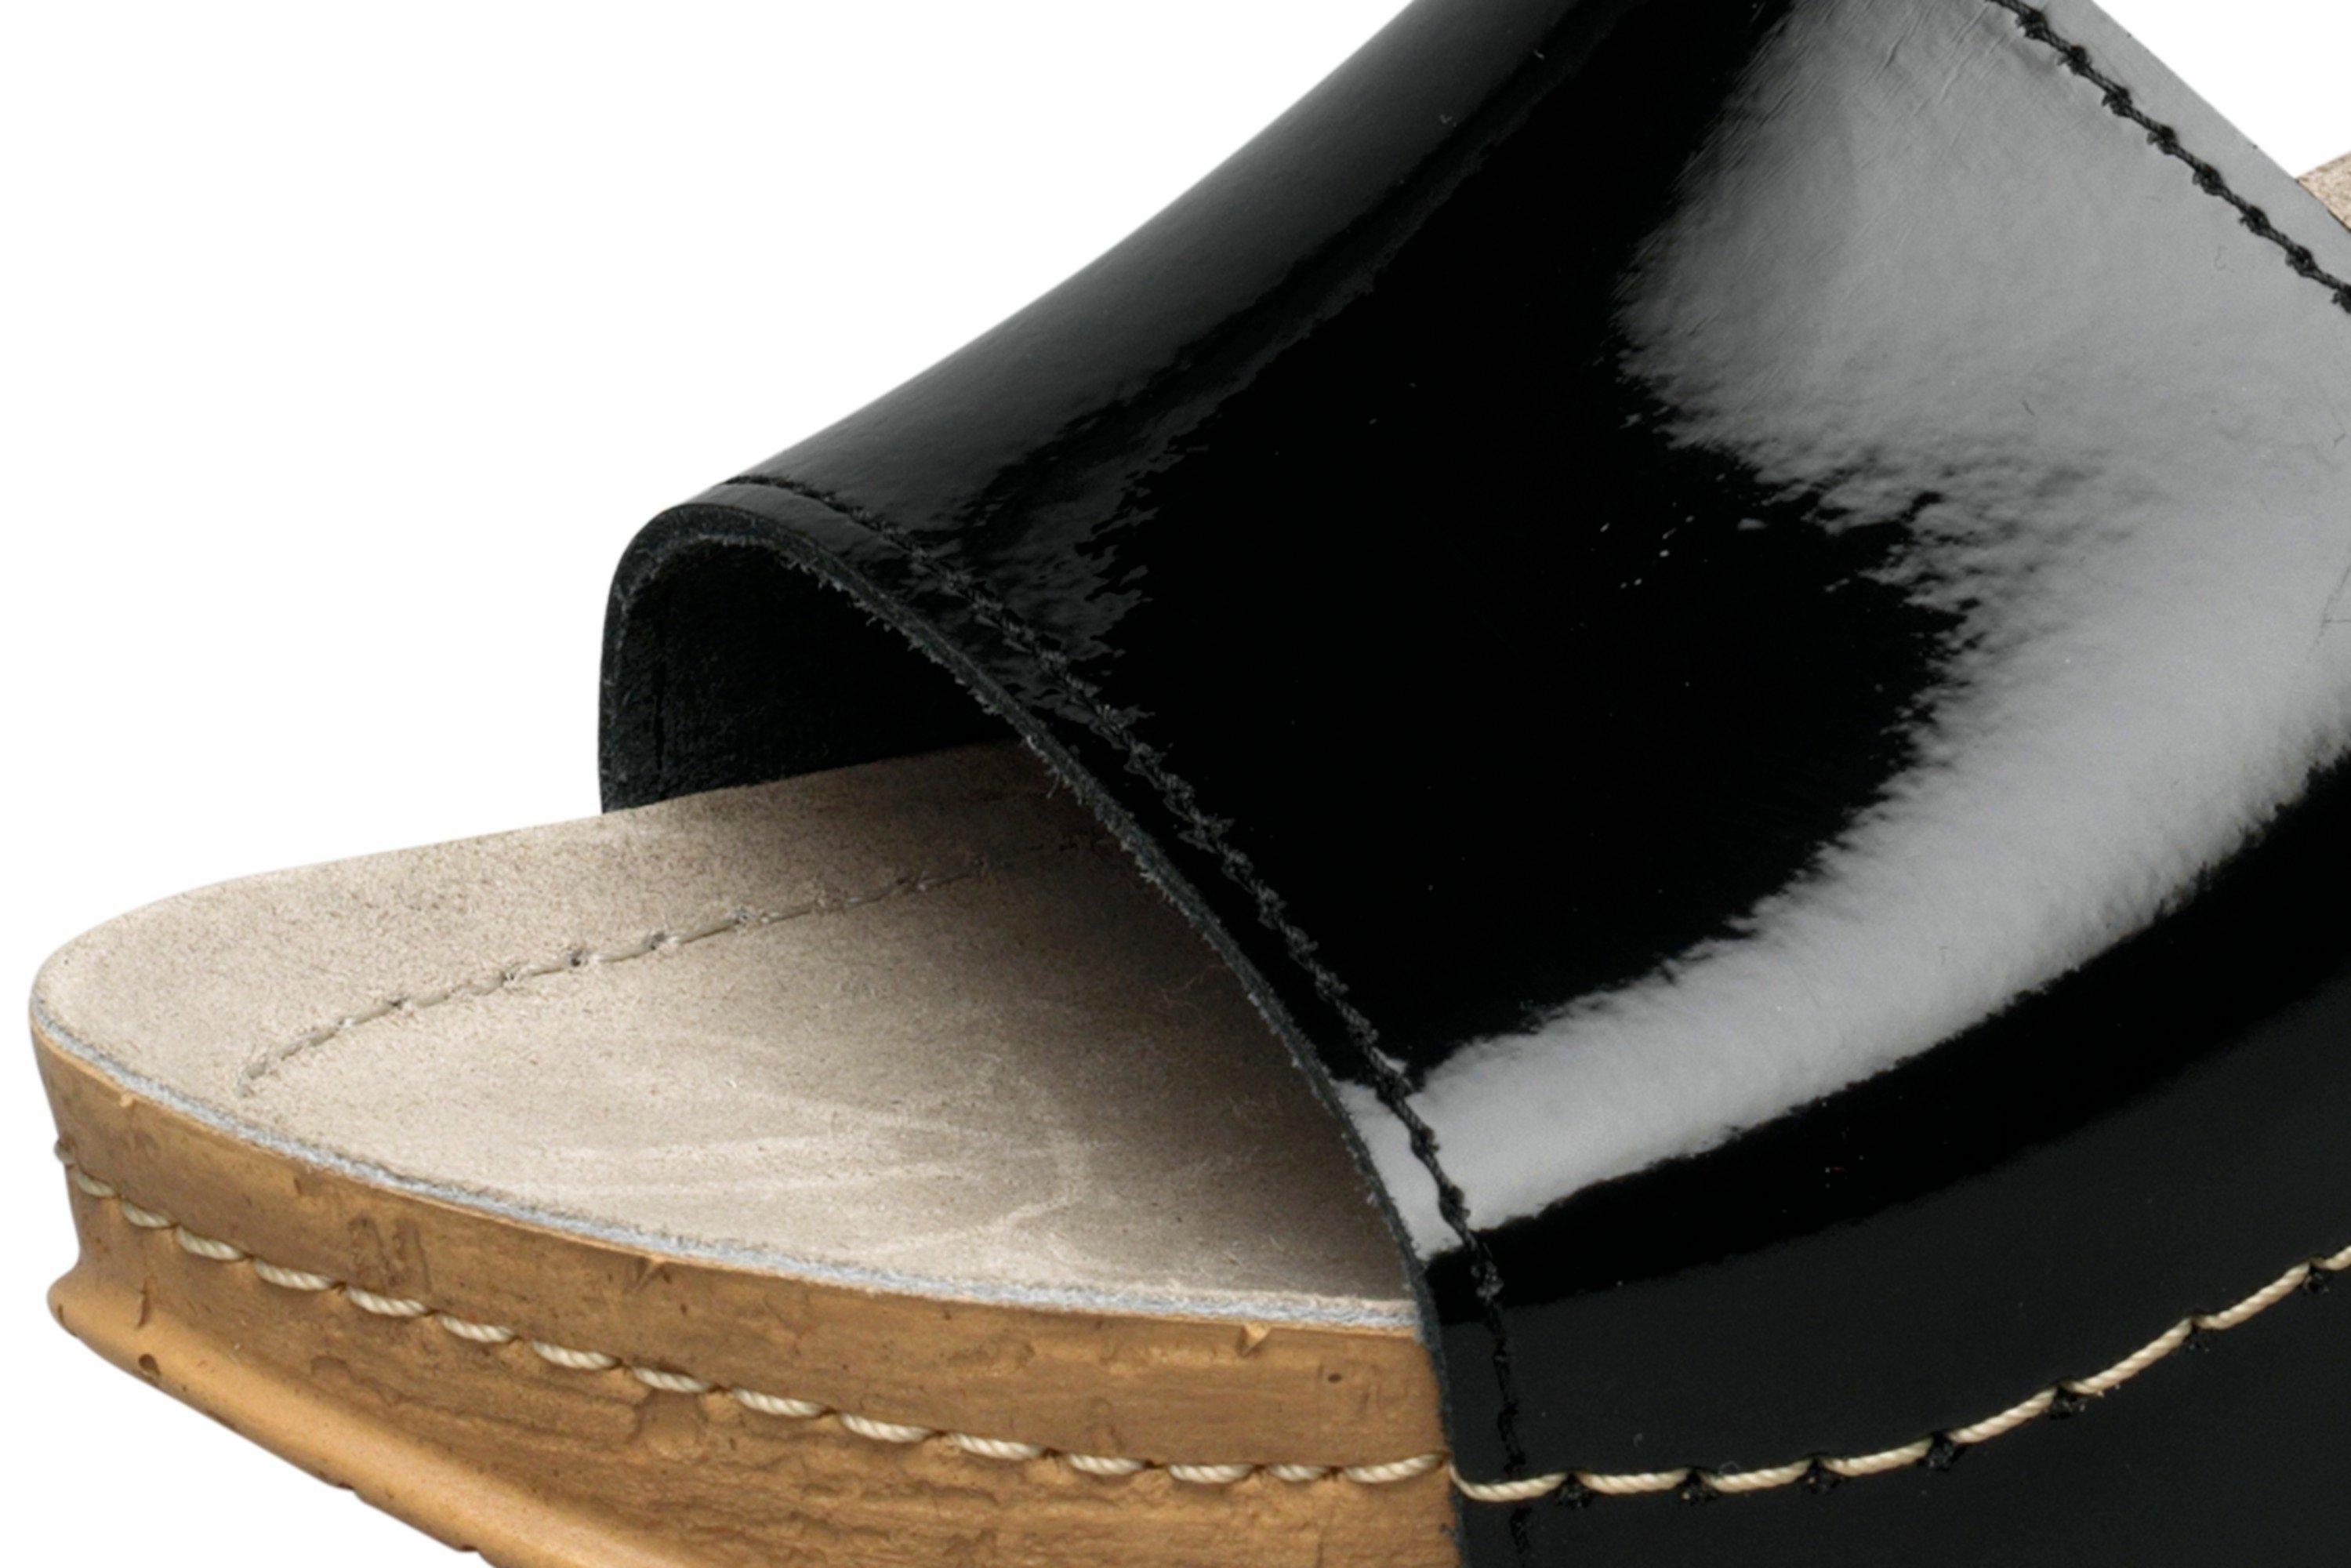 In De Online Huisschoenen De In Winkel Huisschoenen Winkel Online Huisschoenen In rodxCeWB